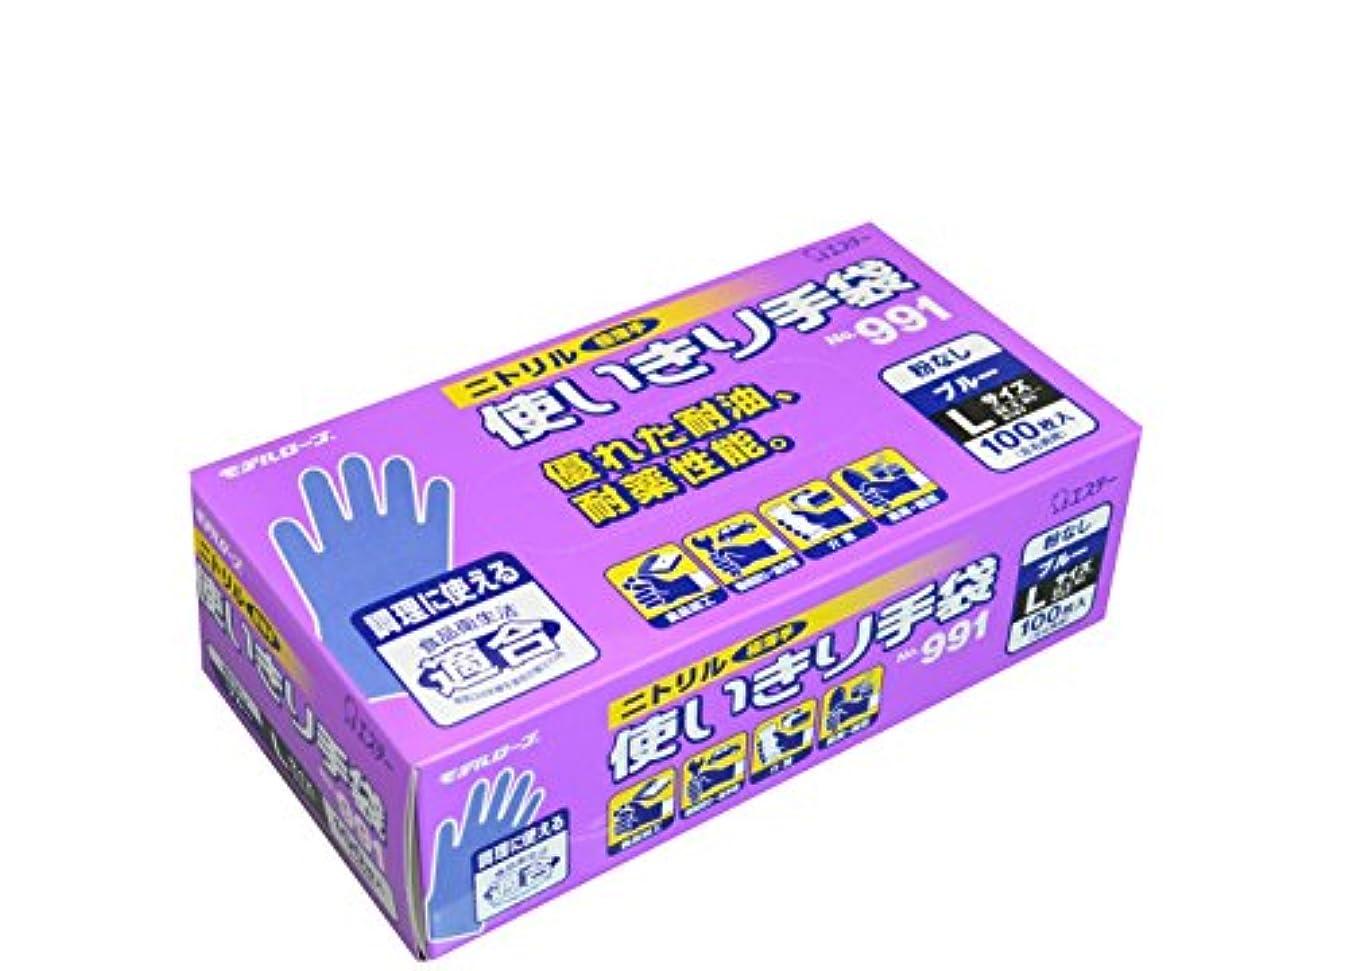 義務食い違いパッドモデルローブ NO991 ニトリル使い切り手袋 100枚 ブルー L